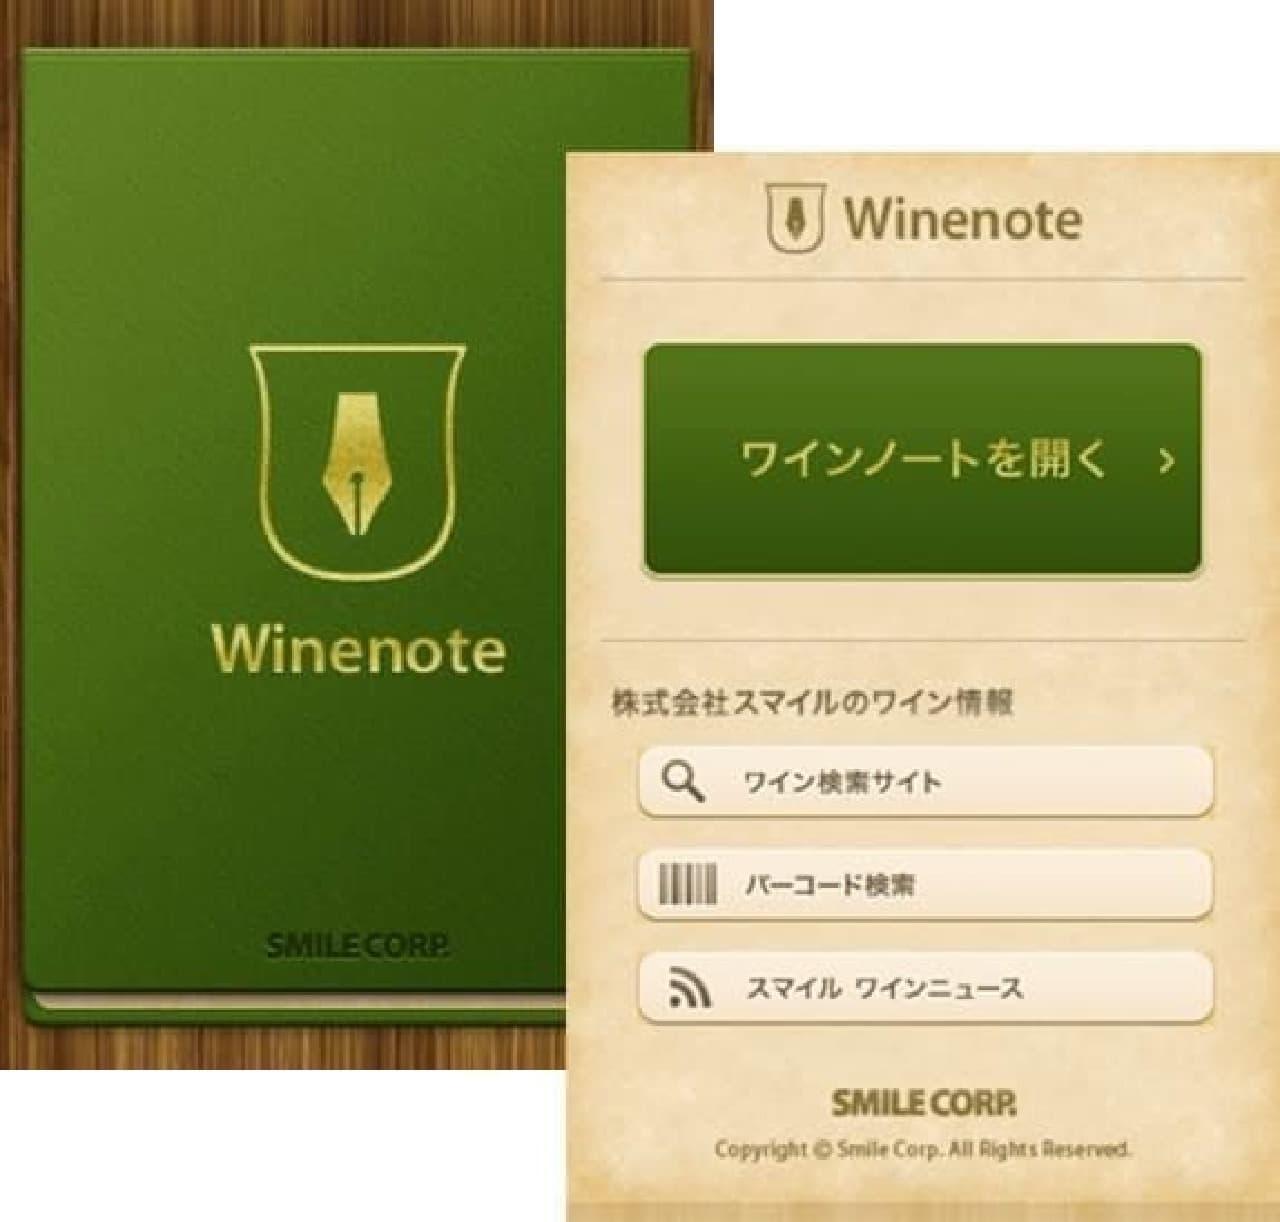 ワイン通のあなたに! 飲んだワインを記録できる無料アプリ「Winenote」